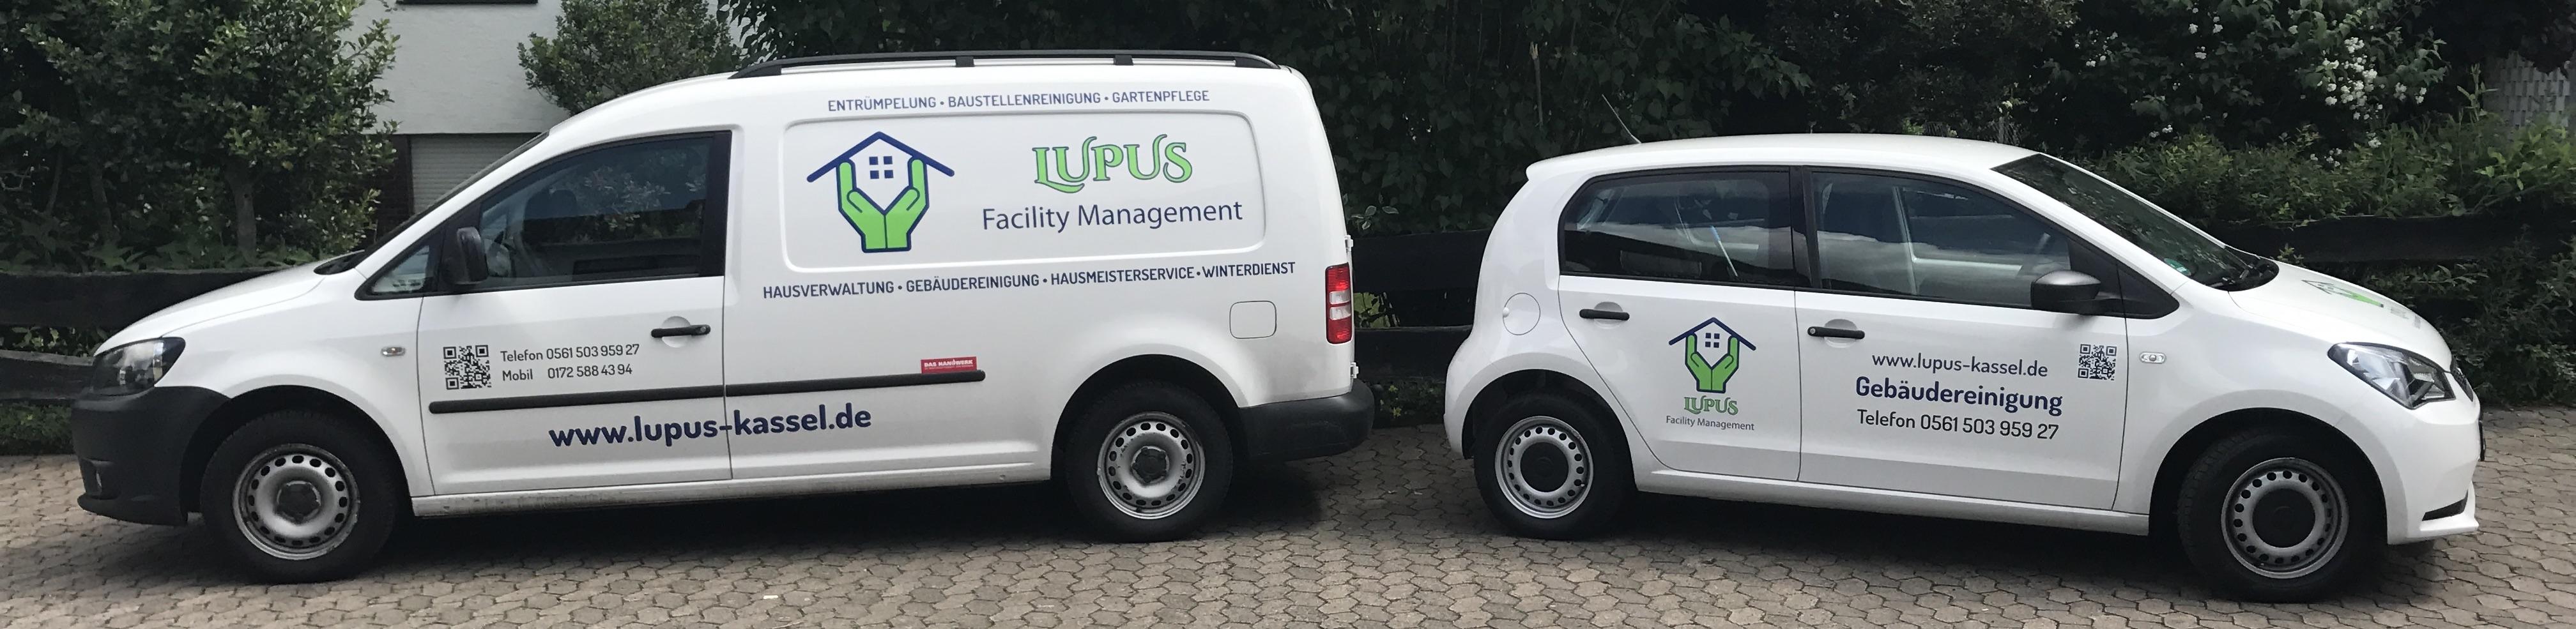 Die beiden Fahrzeuge von Lupus Facility Management